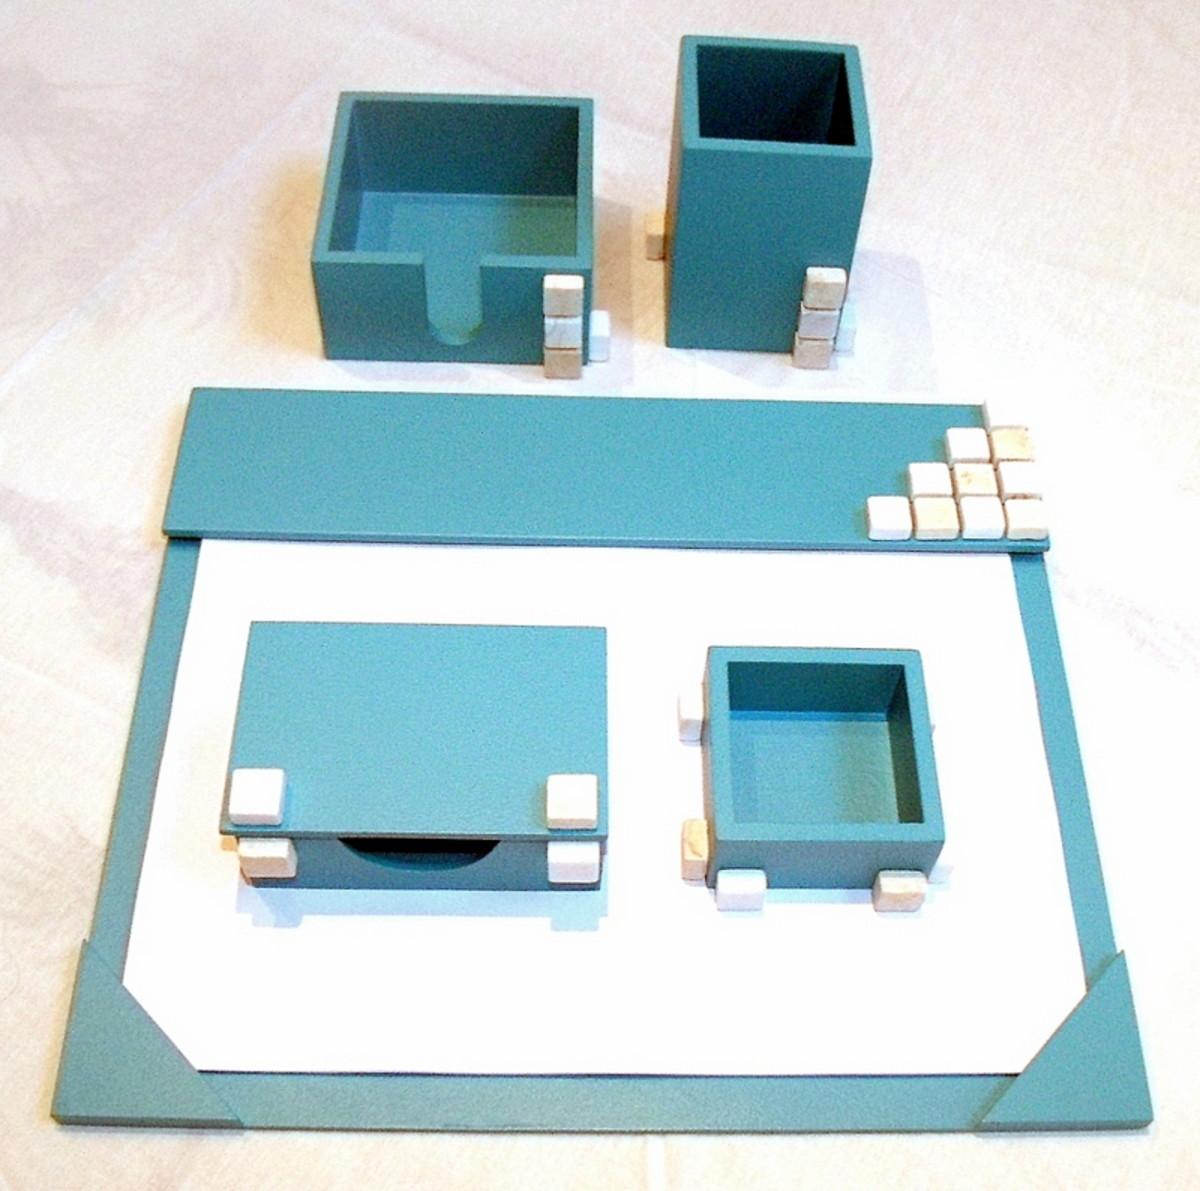 Organizador de mesa c 5 peças turquesa c pastilhas em pedra no Elo7 ... 891338395577e